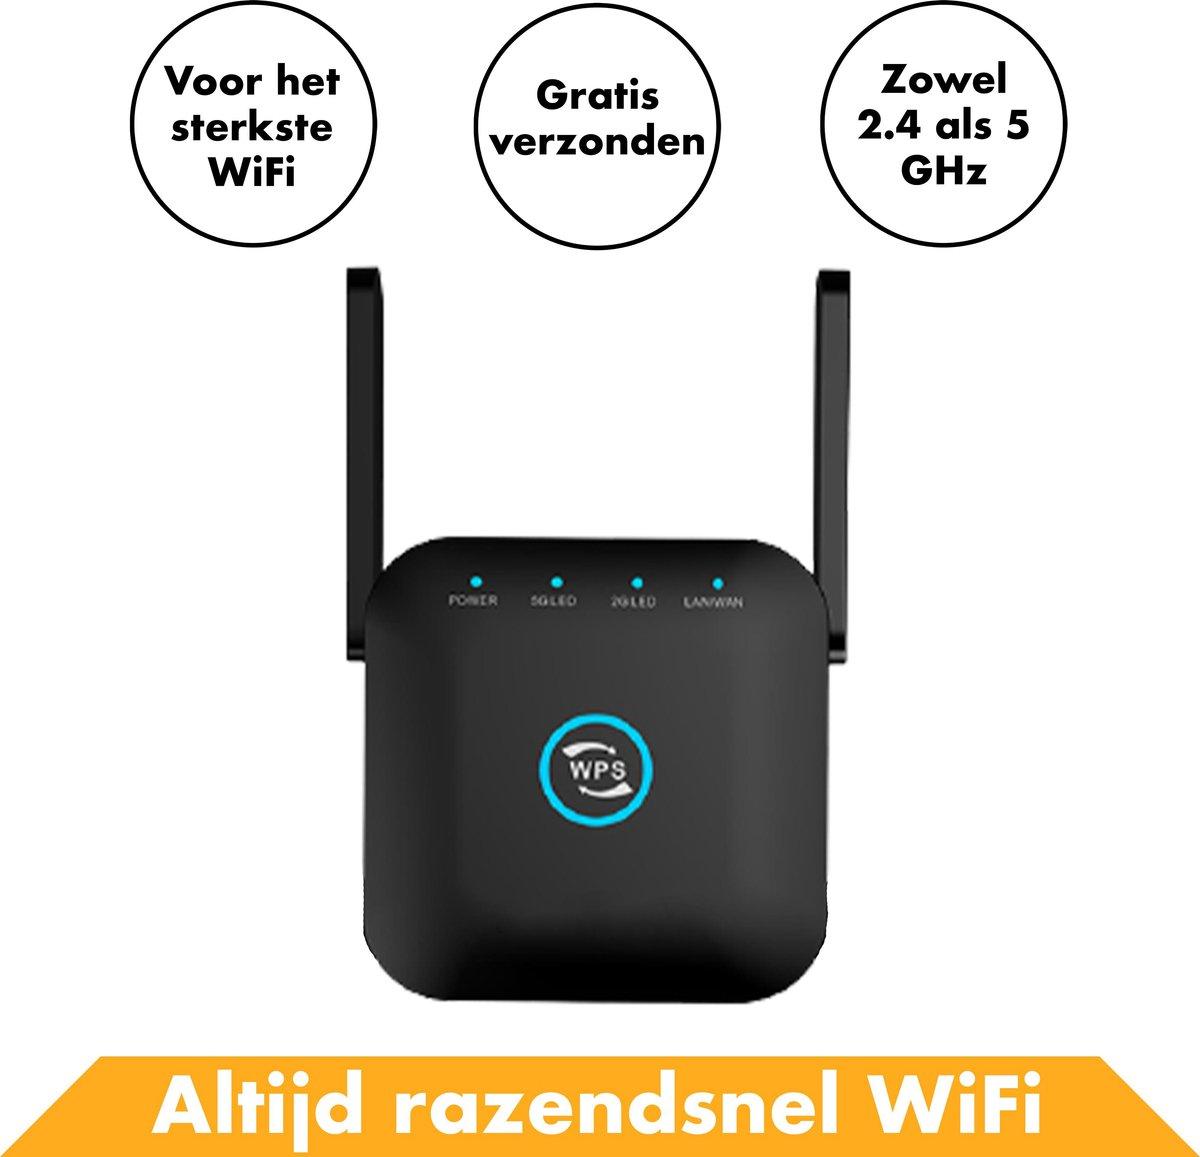 Wifi Repeater 1200 MBPS Draadloos Van In Round- Internet Versterker Stopcontact - Router - Extender Kopen Stopcontact Buiten 5G Wireless Adapter USB Draadloze - Modem - PC - Voor o.a. Windows 10 & Macbook - Access point - Mesh - Bridge - Hotspot